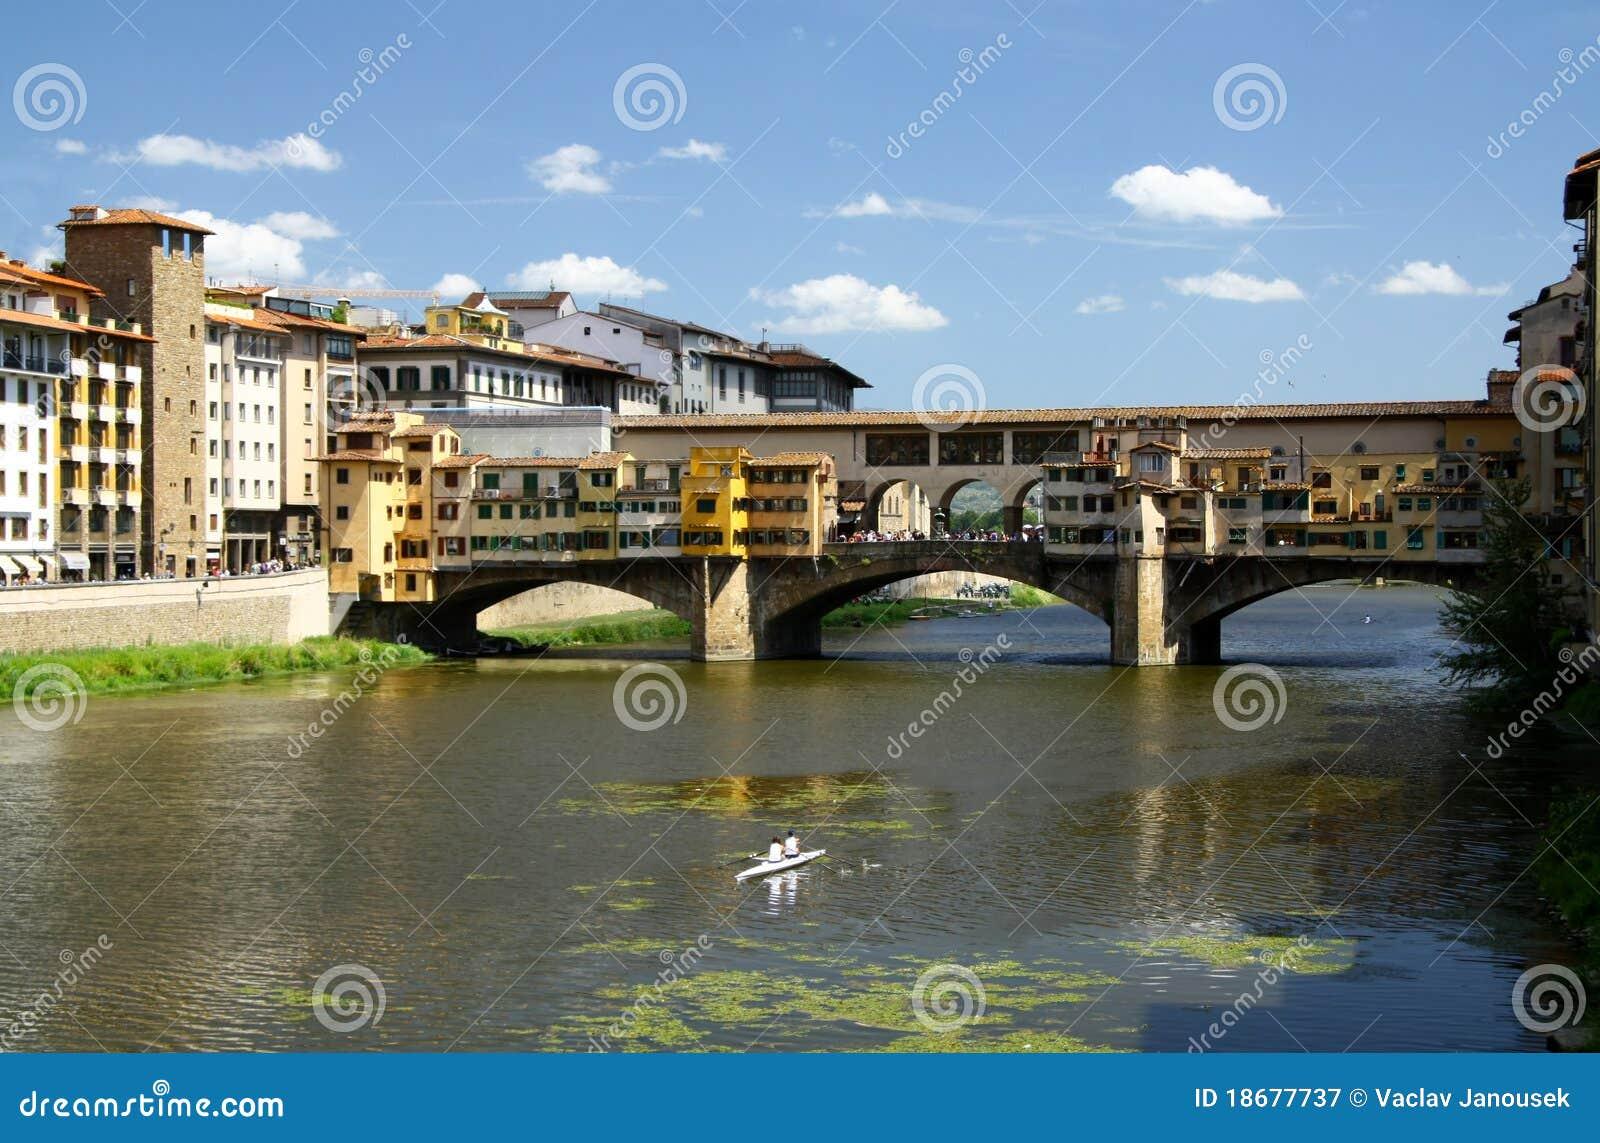 Gold bridge in Firenze